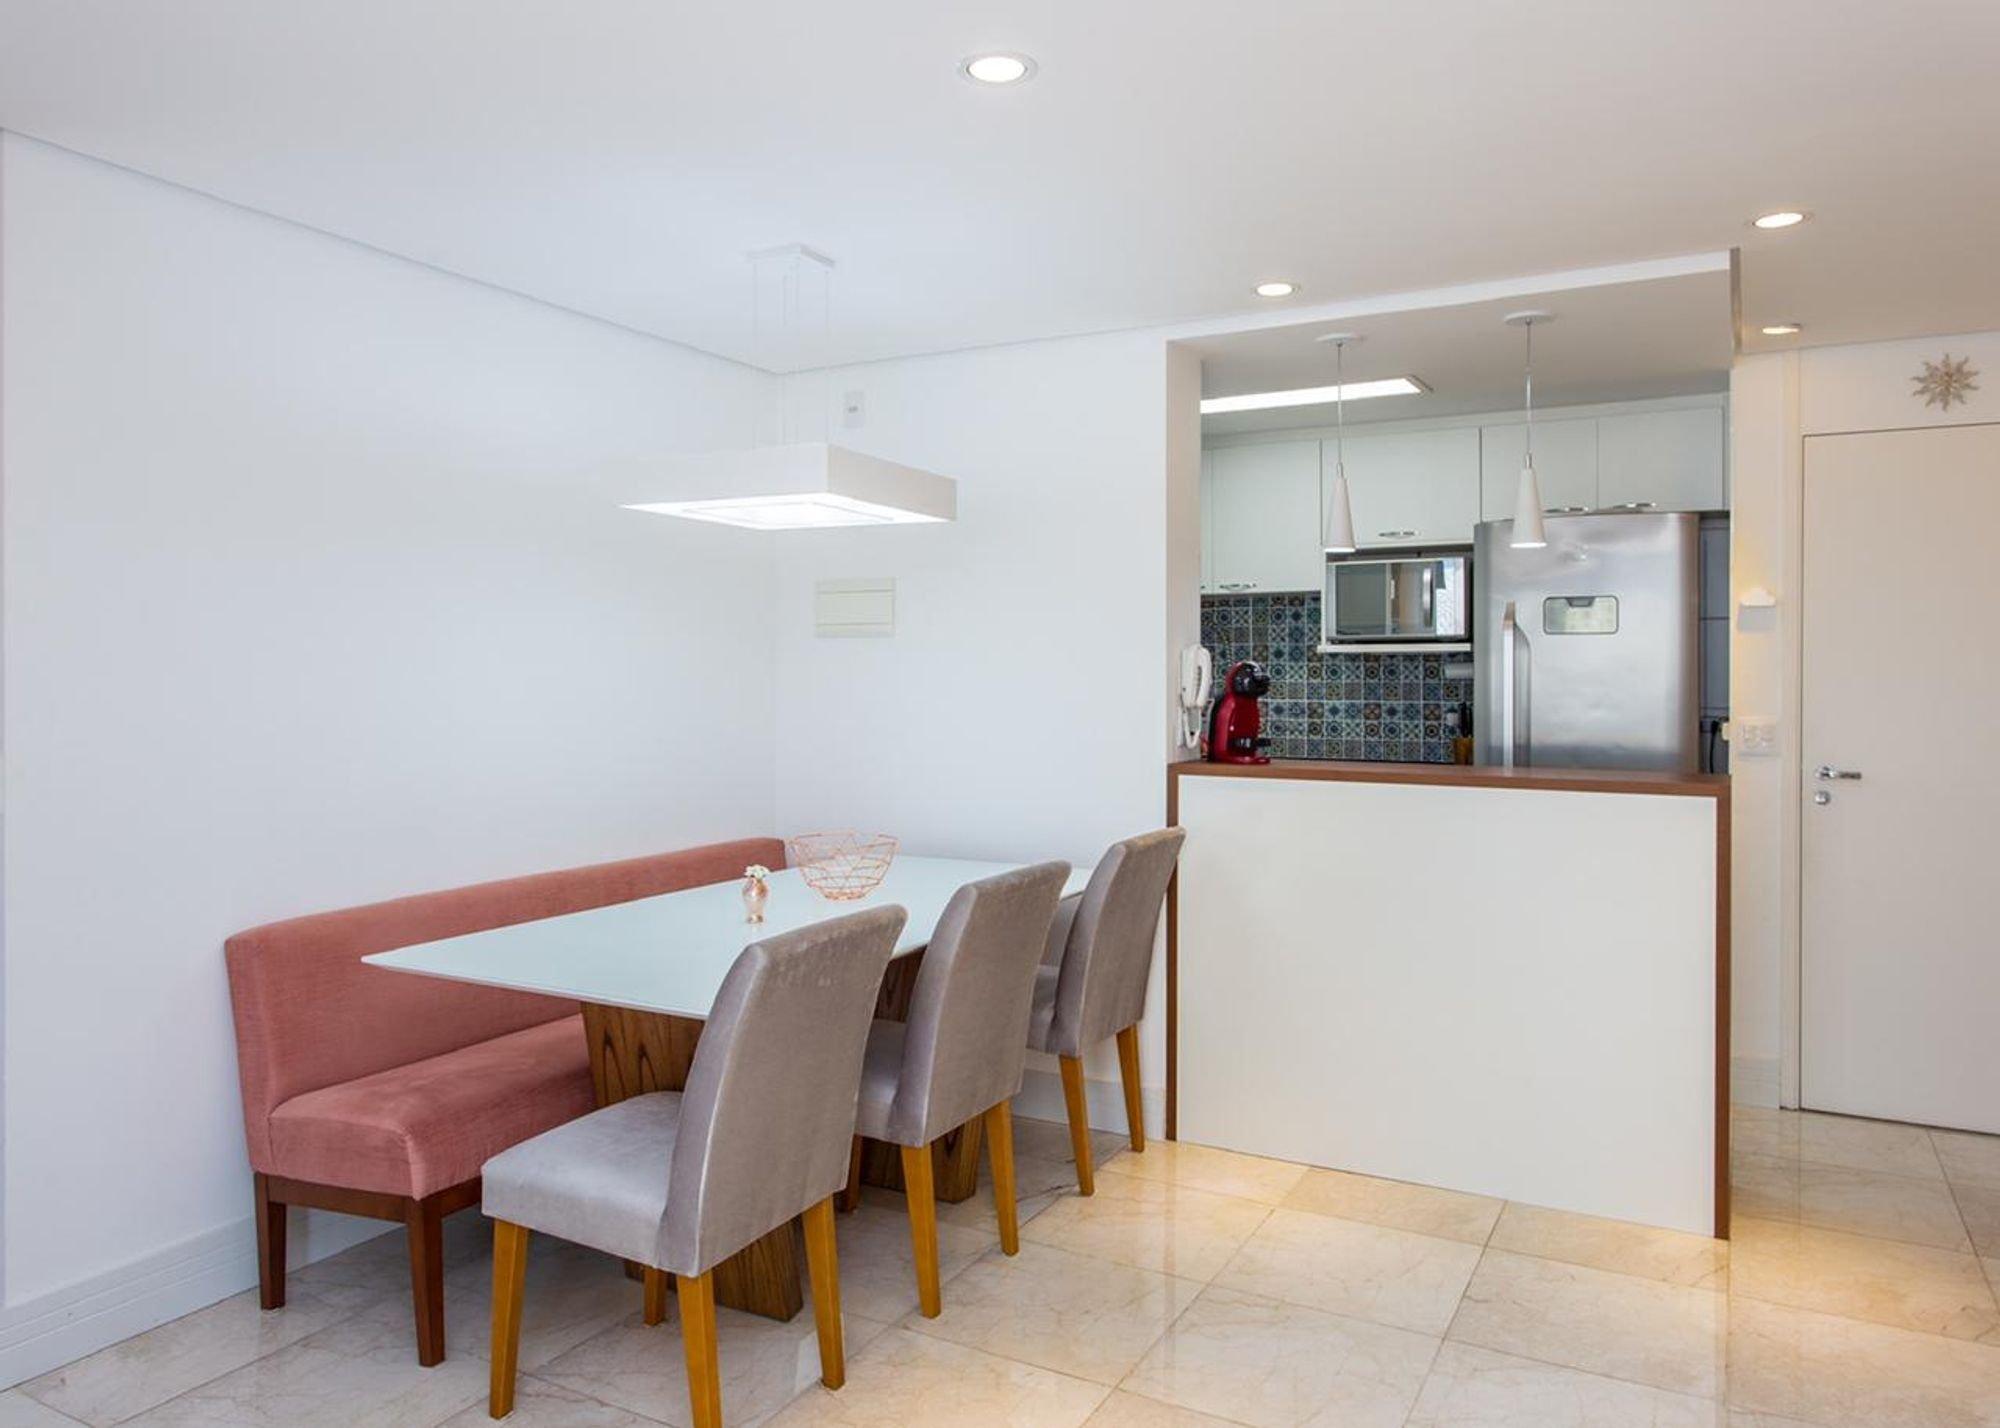 Foto de Sala com garrafa, tigela, geladeira, cadeira, microondas, mesa de jantar